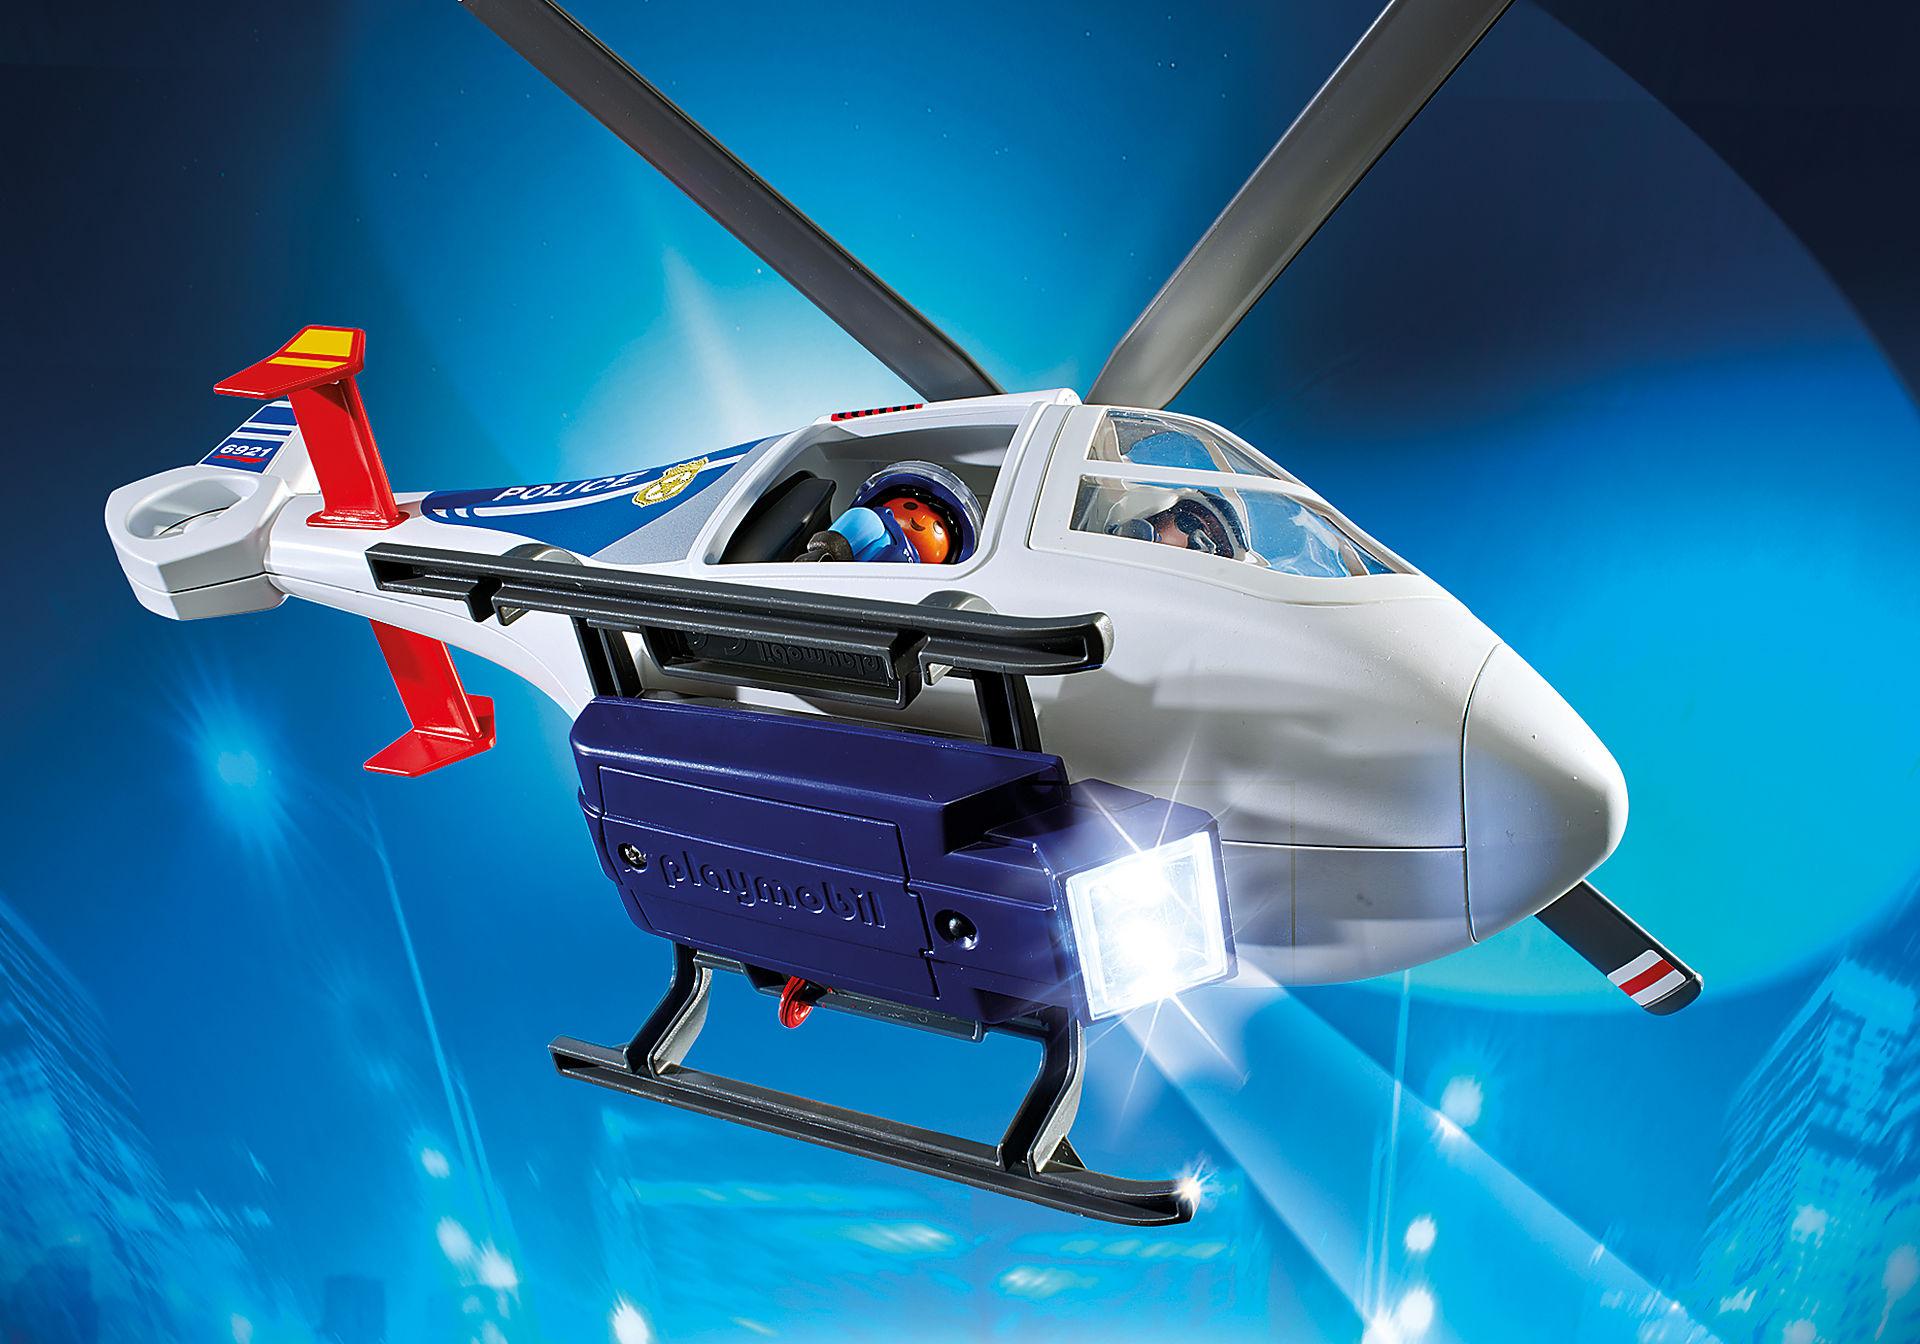 6921 Helikopter policyjny z reflektorem LED zoom image6